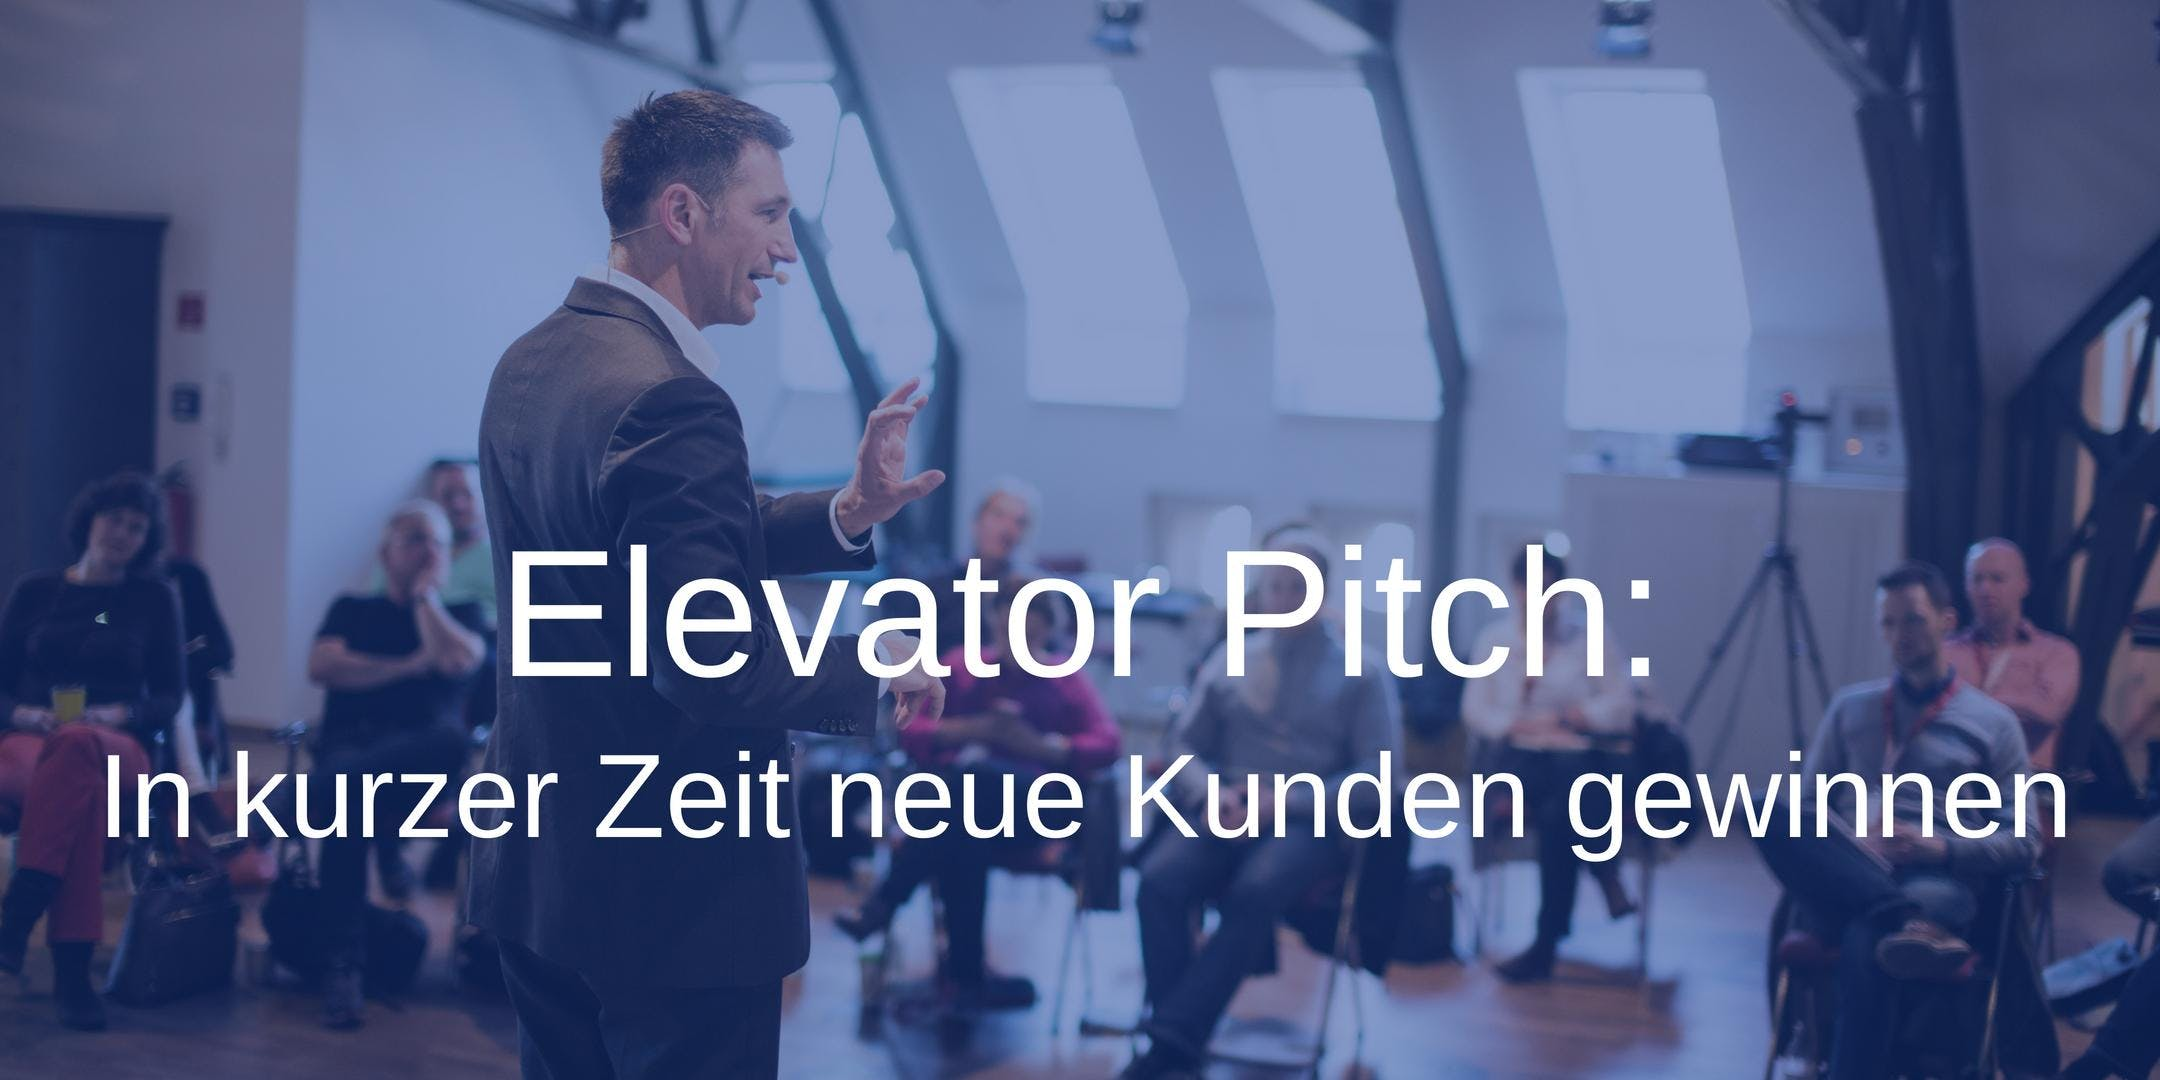 Elevator Pitch: In kurzer Zeit neue Kunden ge